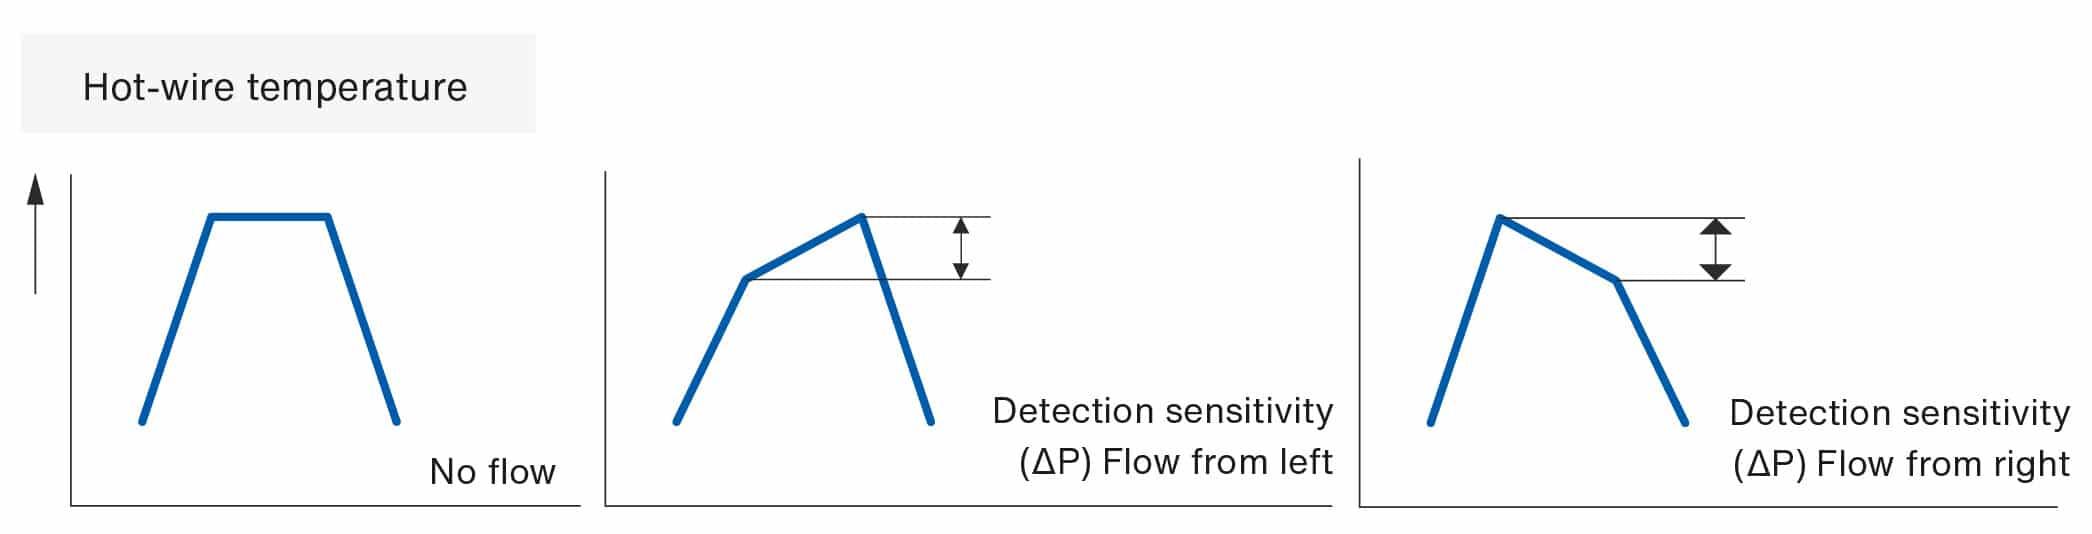 ndir-gas-analyzer-hot-wire-temperature